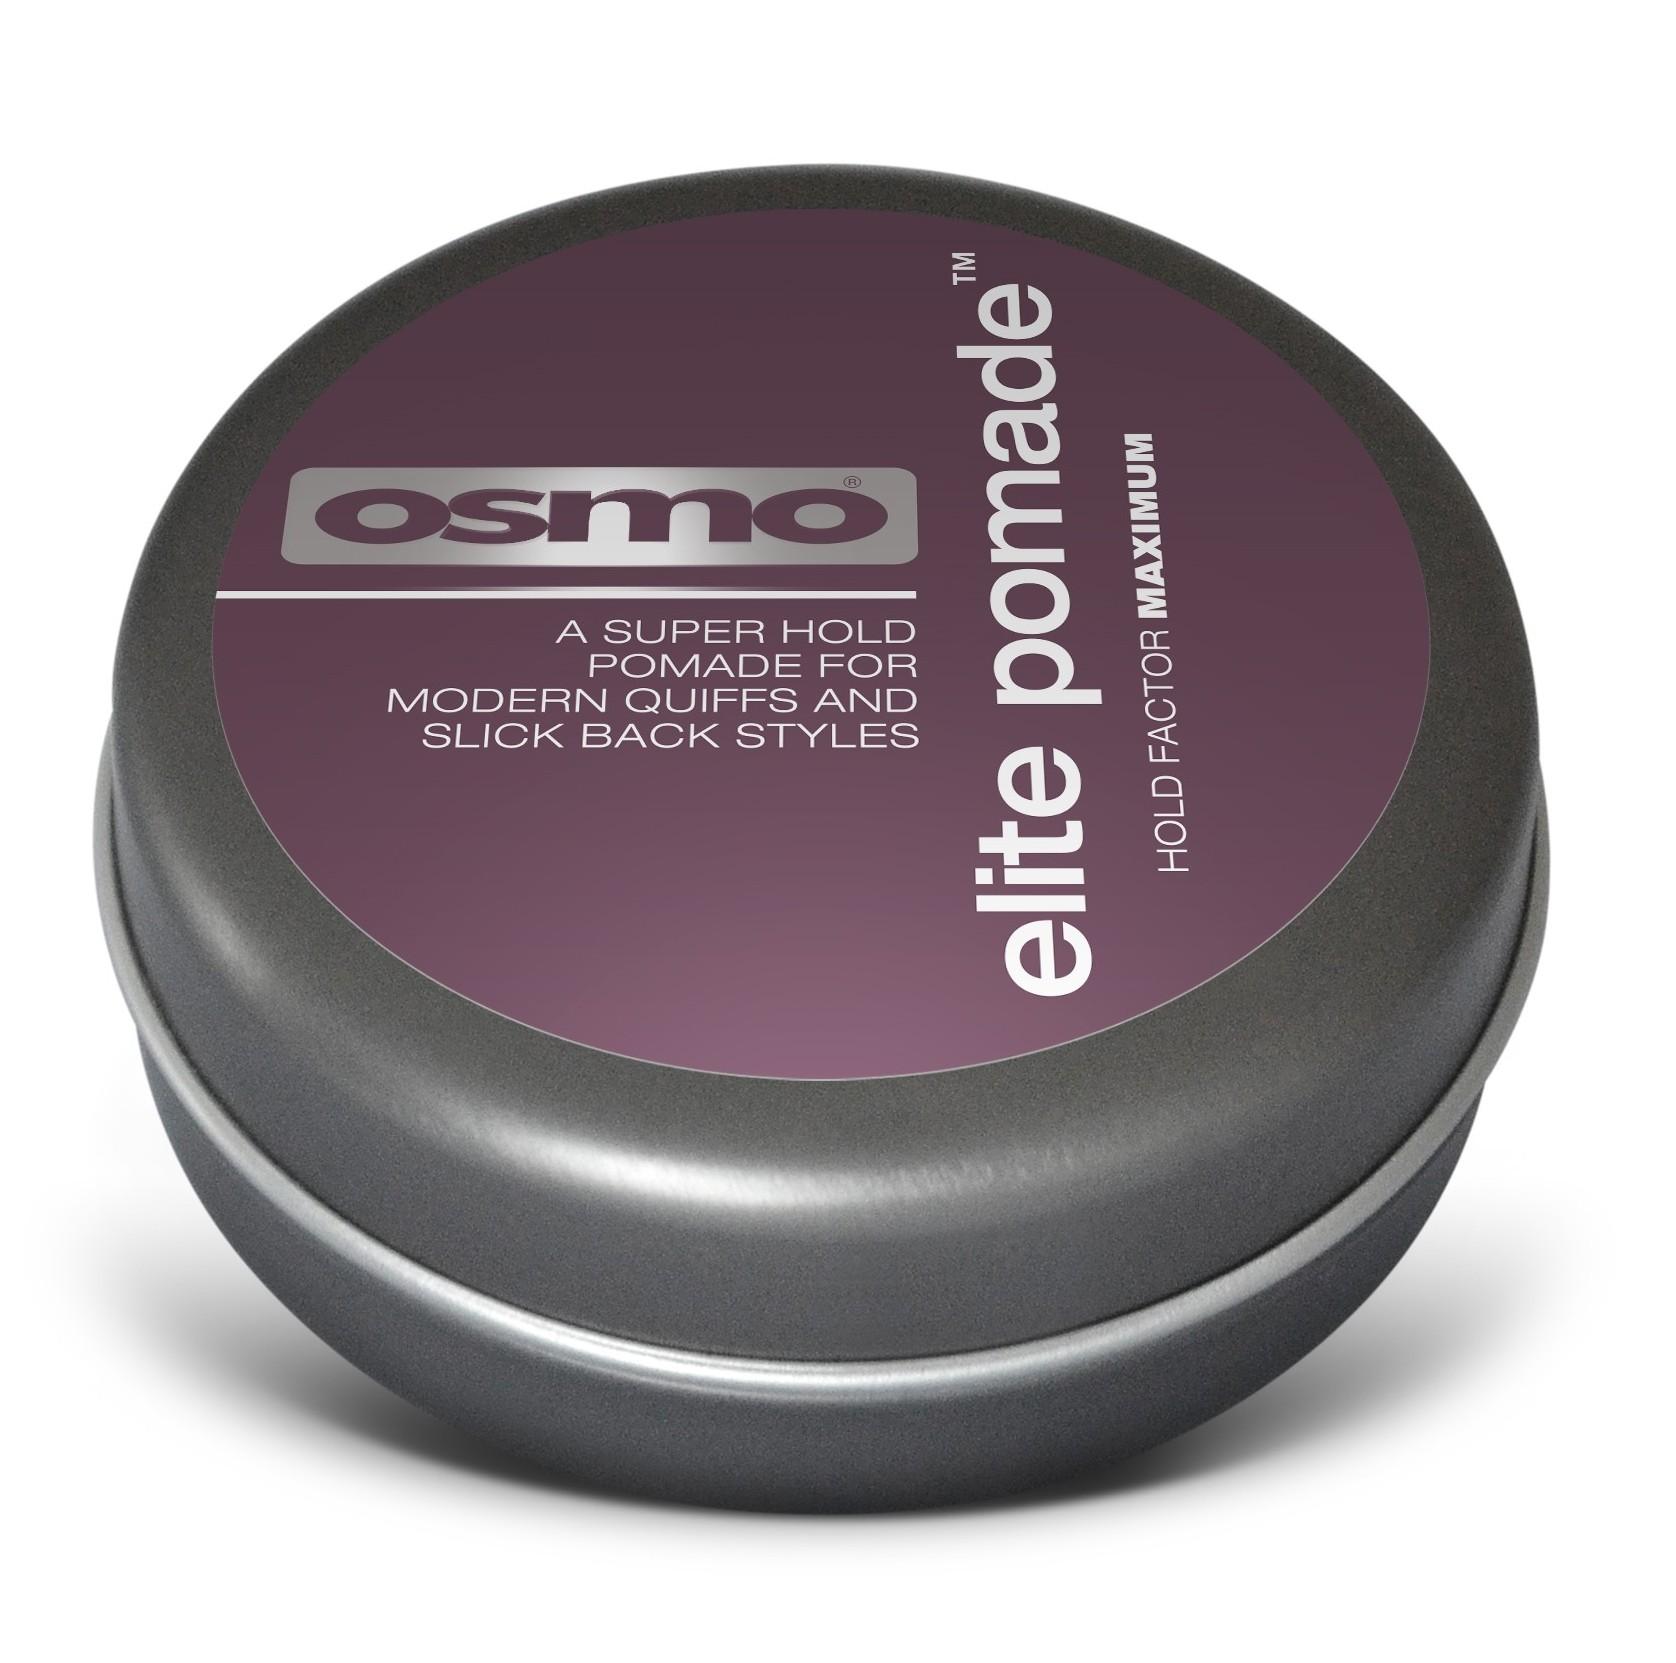 OSMO Гель-стайлер ультрасильной фиксации, степень фиксации 4 / Elite Pomade Traveller 25мл -  Гели